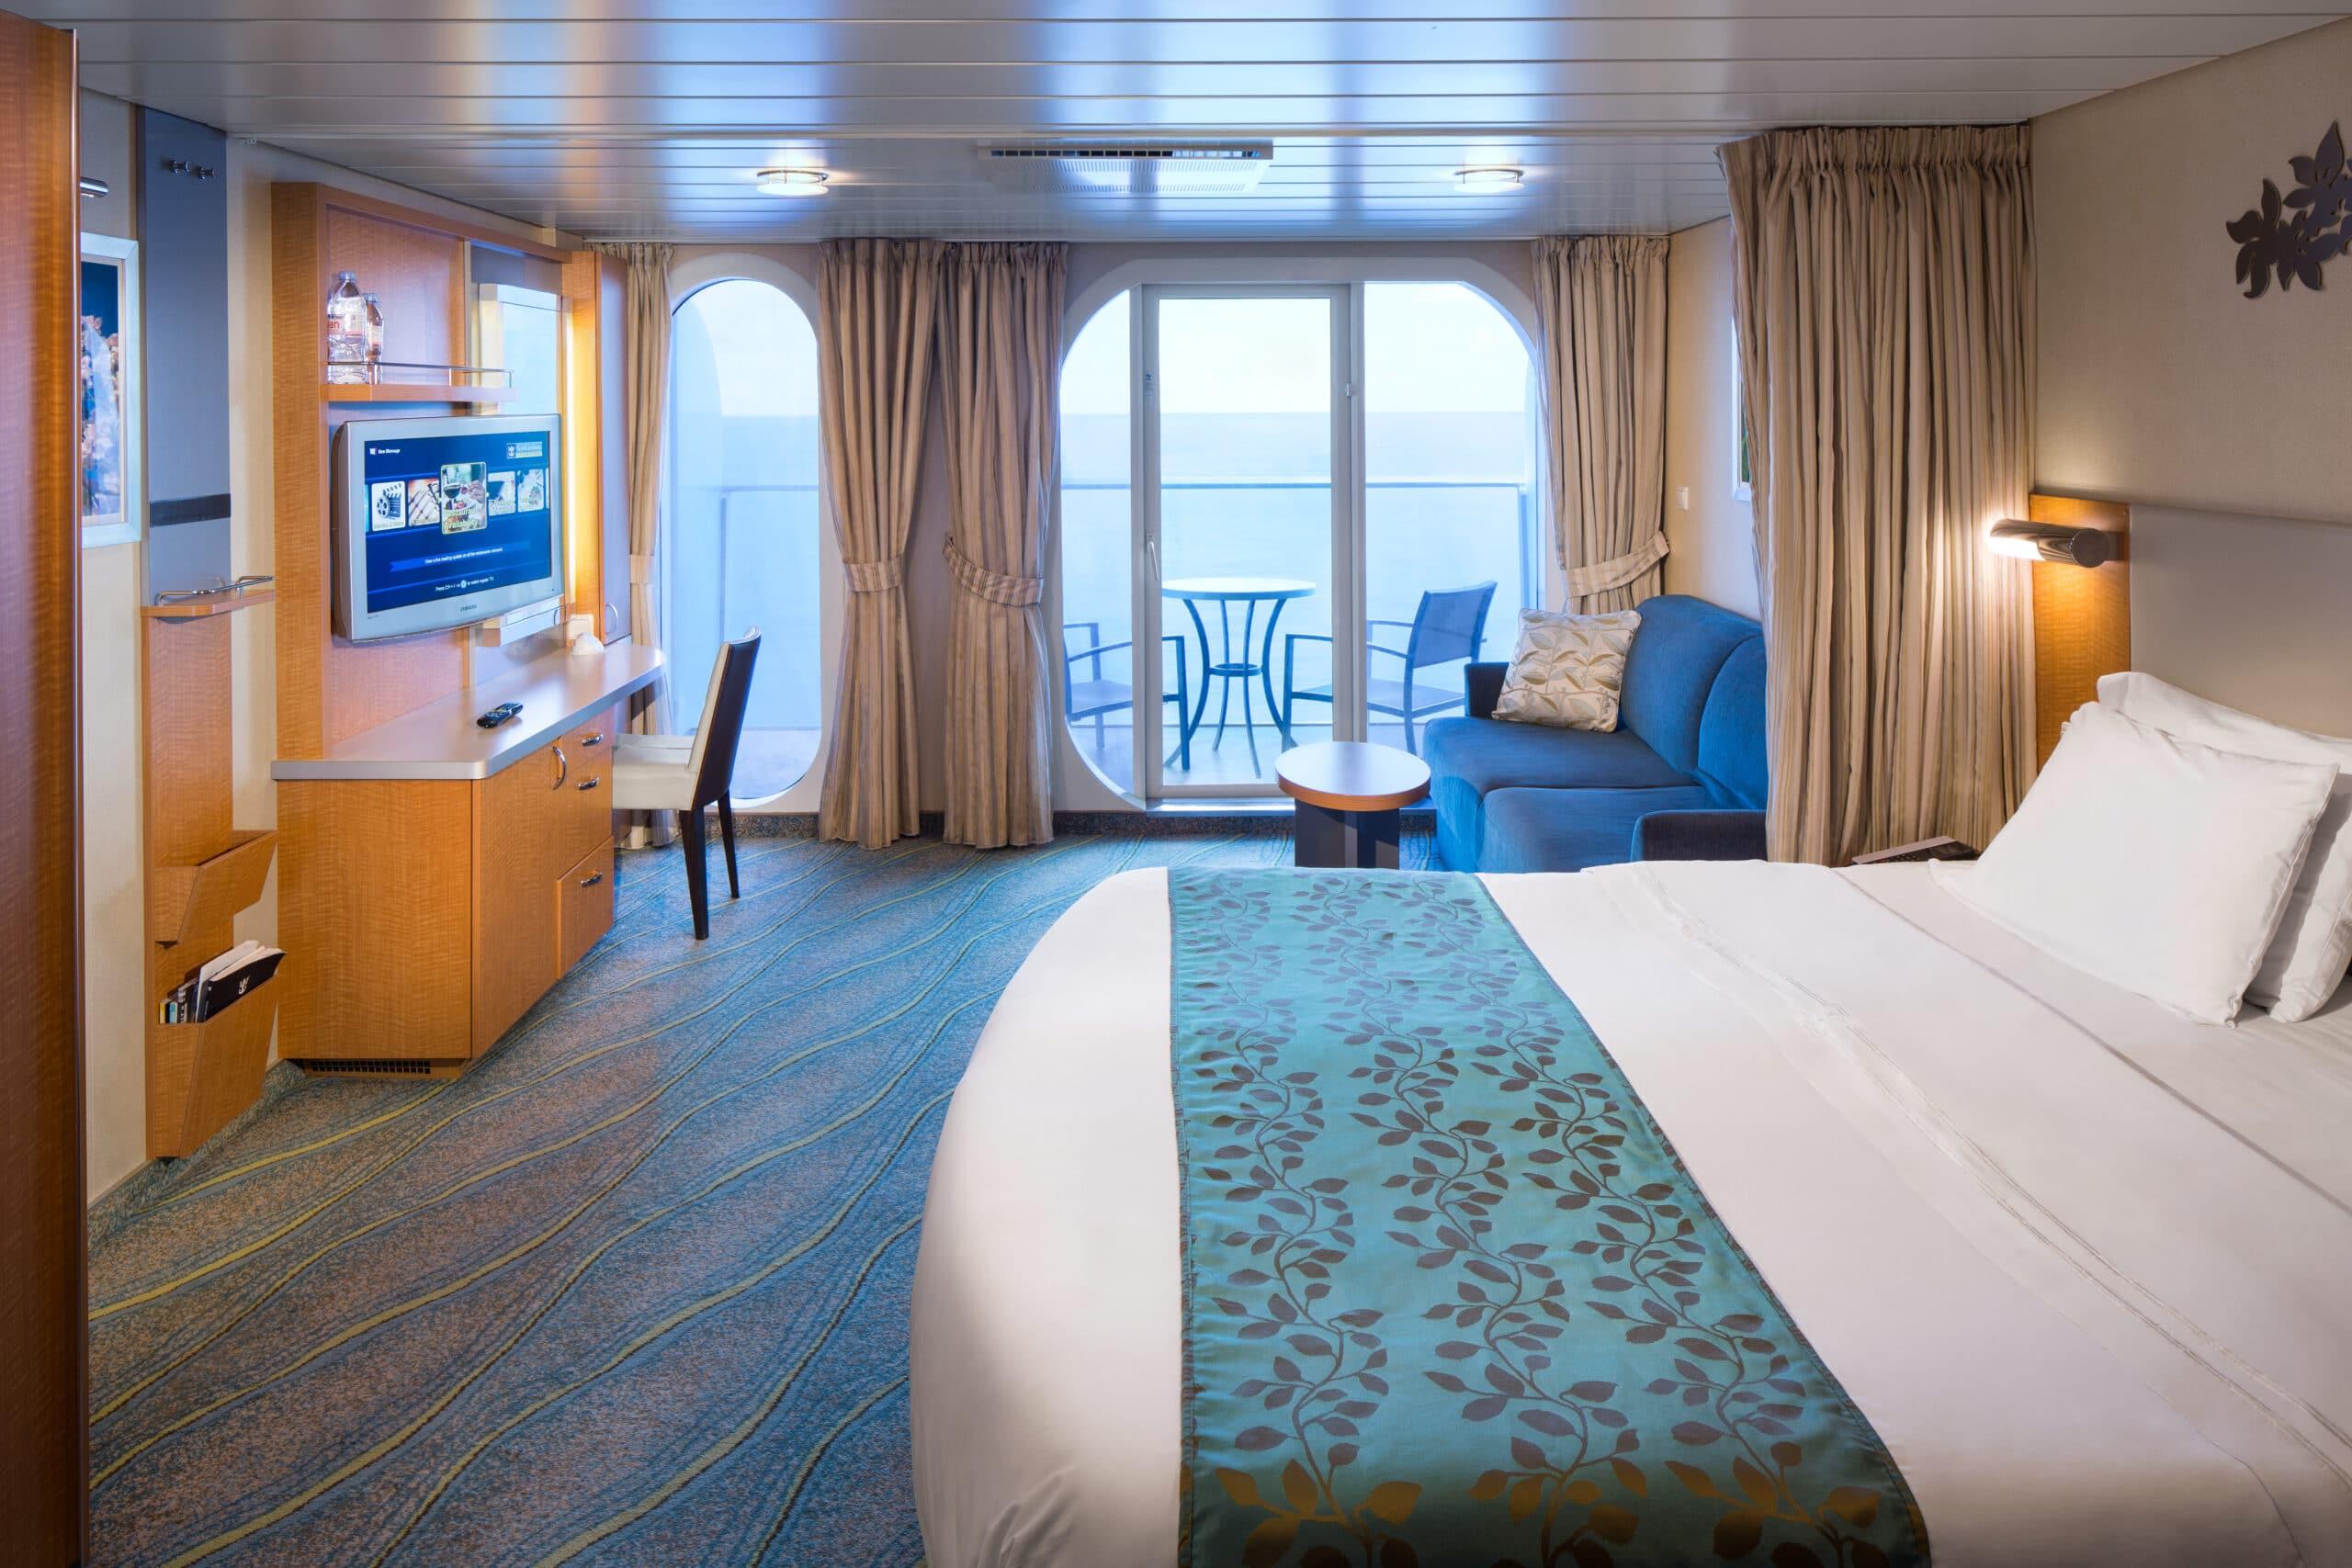 Royal-Caribbean-International-Allure-of-the-Seas-Oasis-of-the-seas-schip-cruiseschip-categorie-1A-zeer-ruime-balkonhut